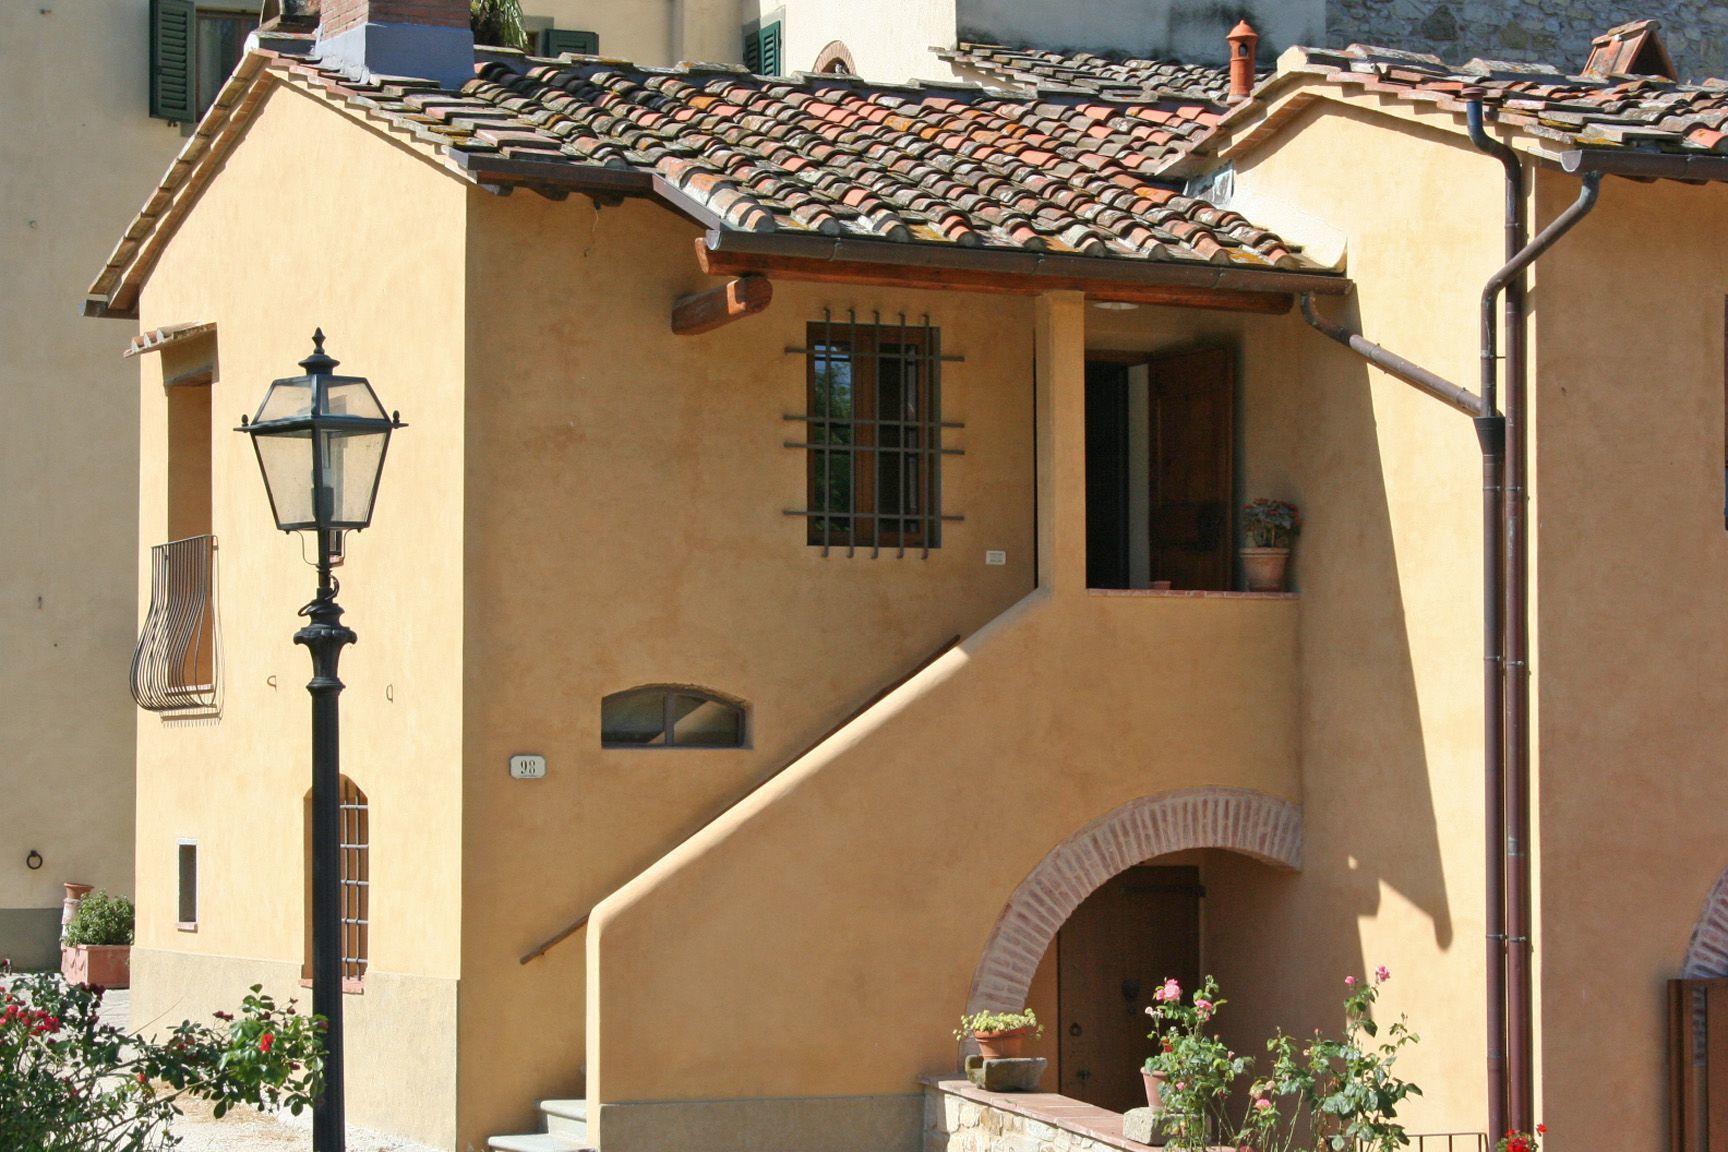 San romolo casa vacanze con 8 posti letto in 5 camere - Case di san romolo bagno a ripoli ...